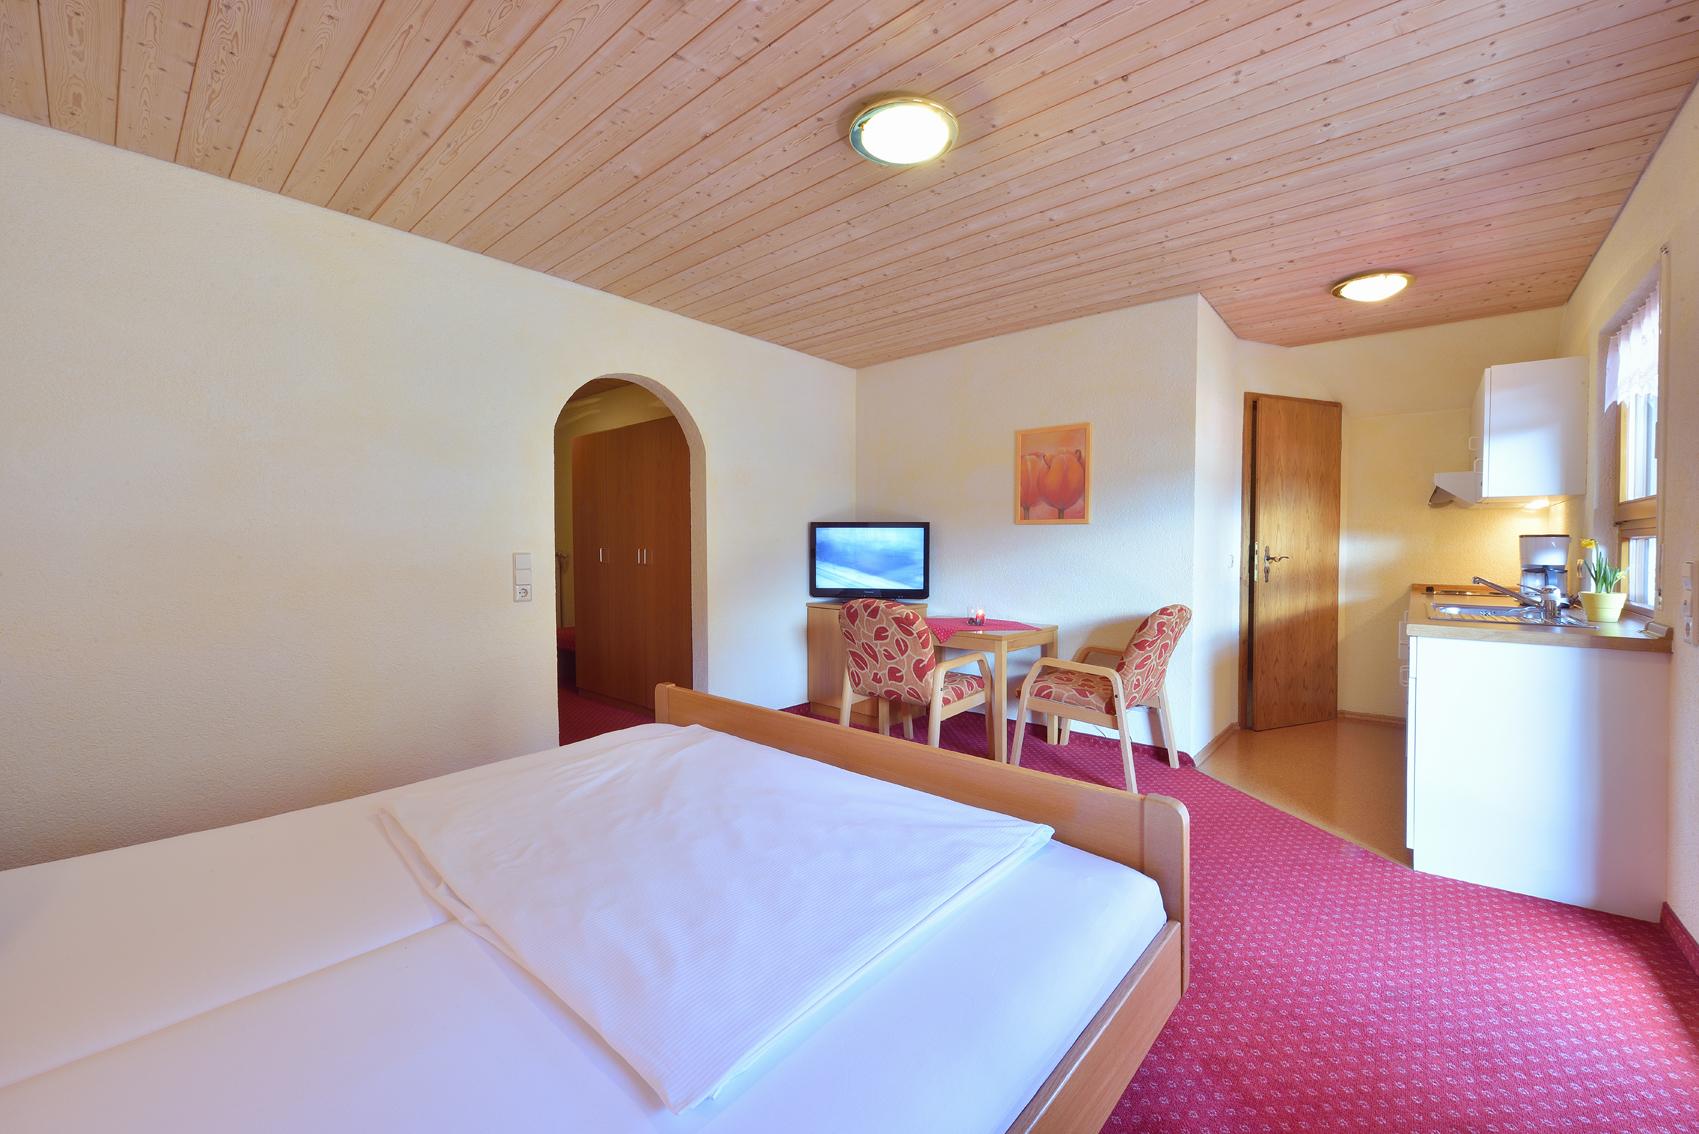 Ferienwohnung Gästehaus Roseneck, (Todtmoos). Appartement (2718179), Todtmoos, Schwarzwald, Baden-Württemberg, Deutschland, Bild 20